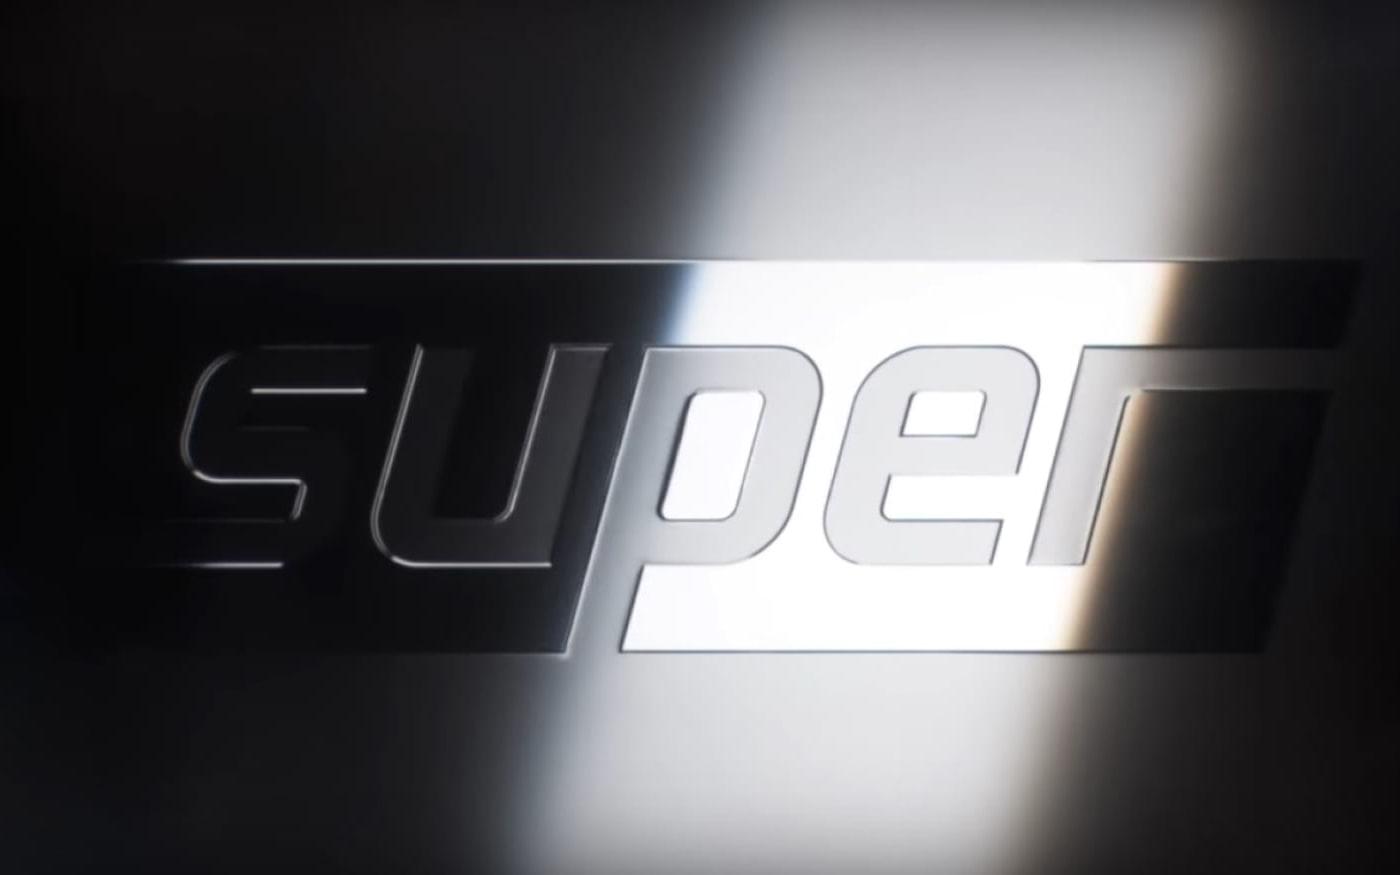 Divisão Nvidia GeForce publica teaser misterioso de